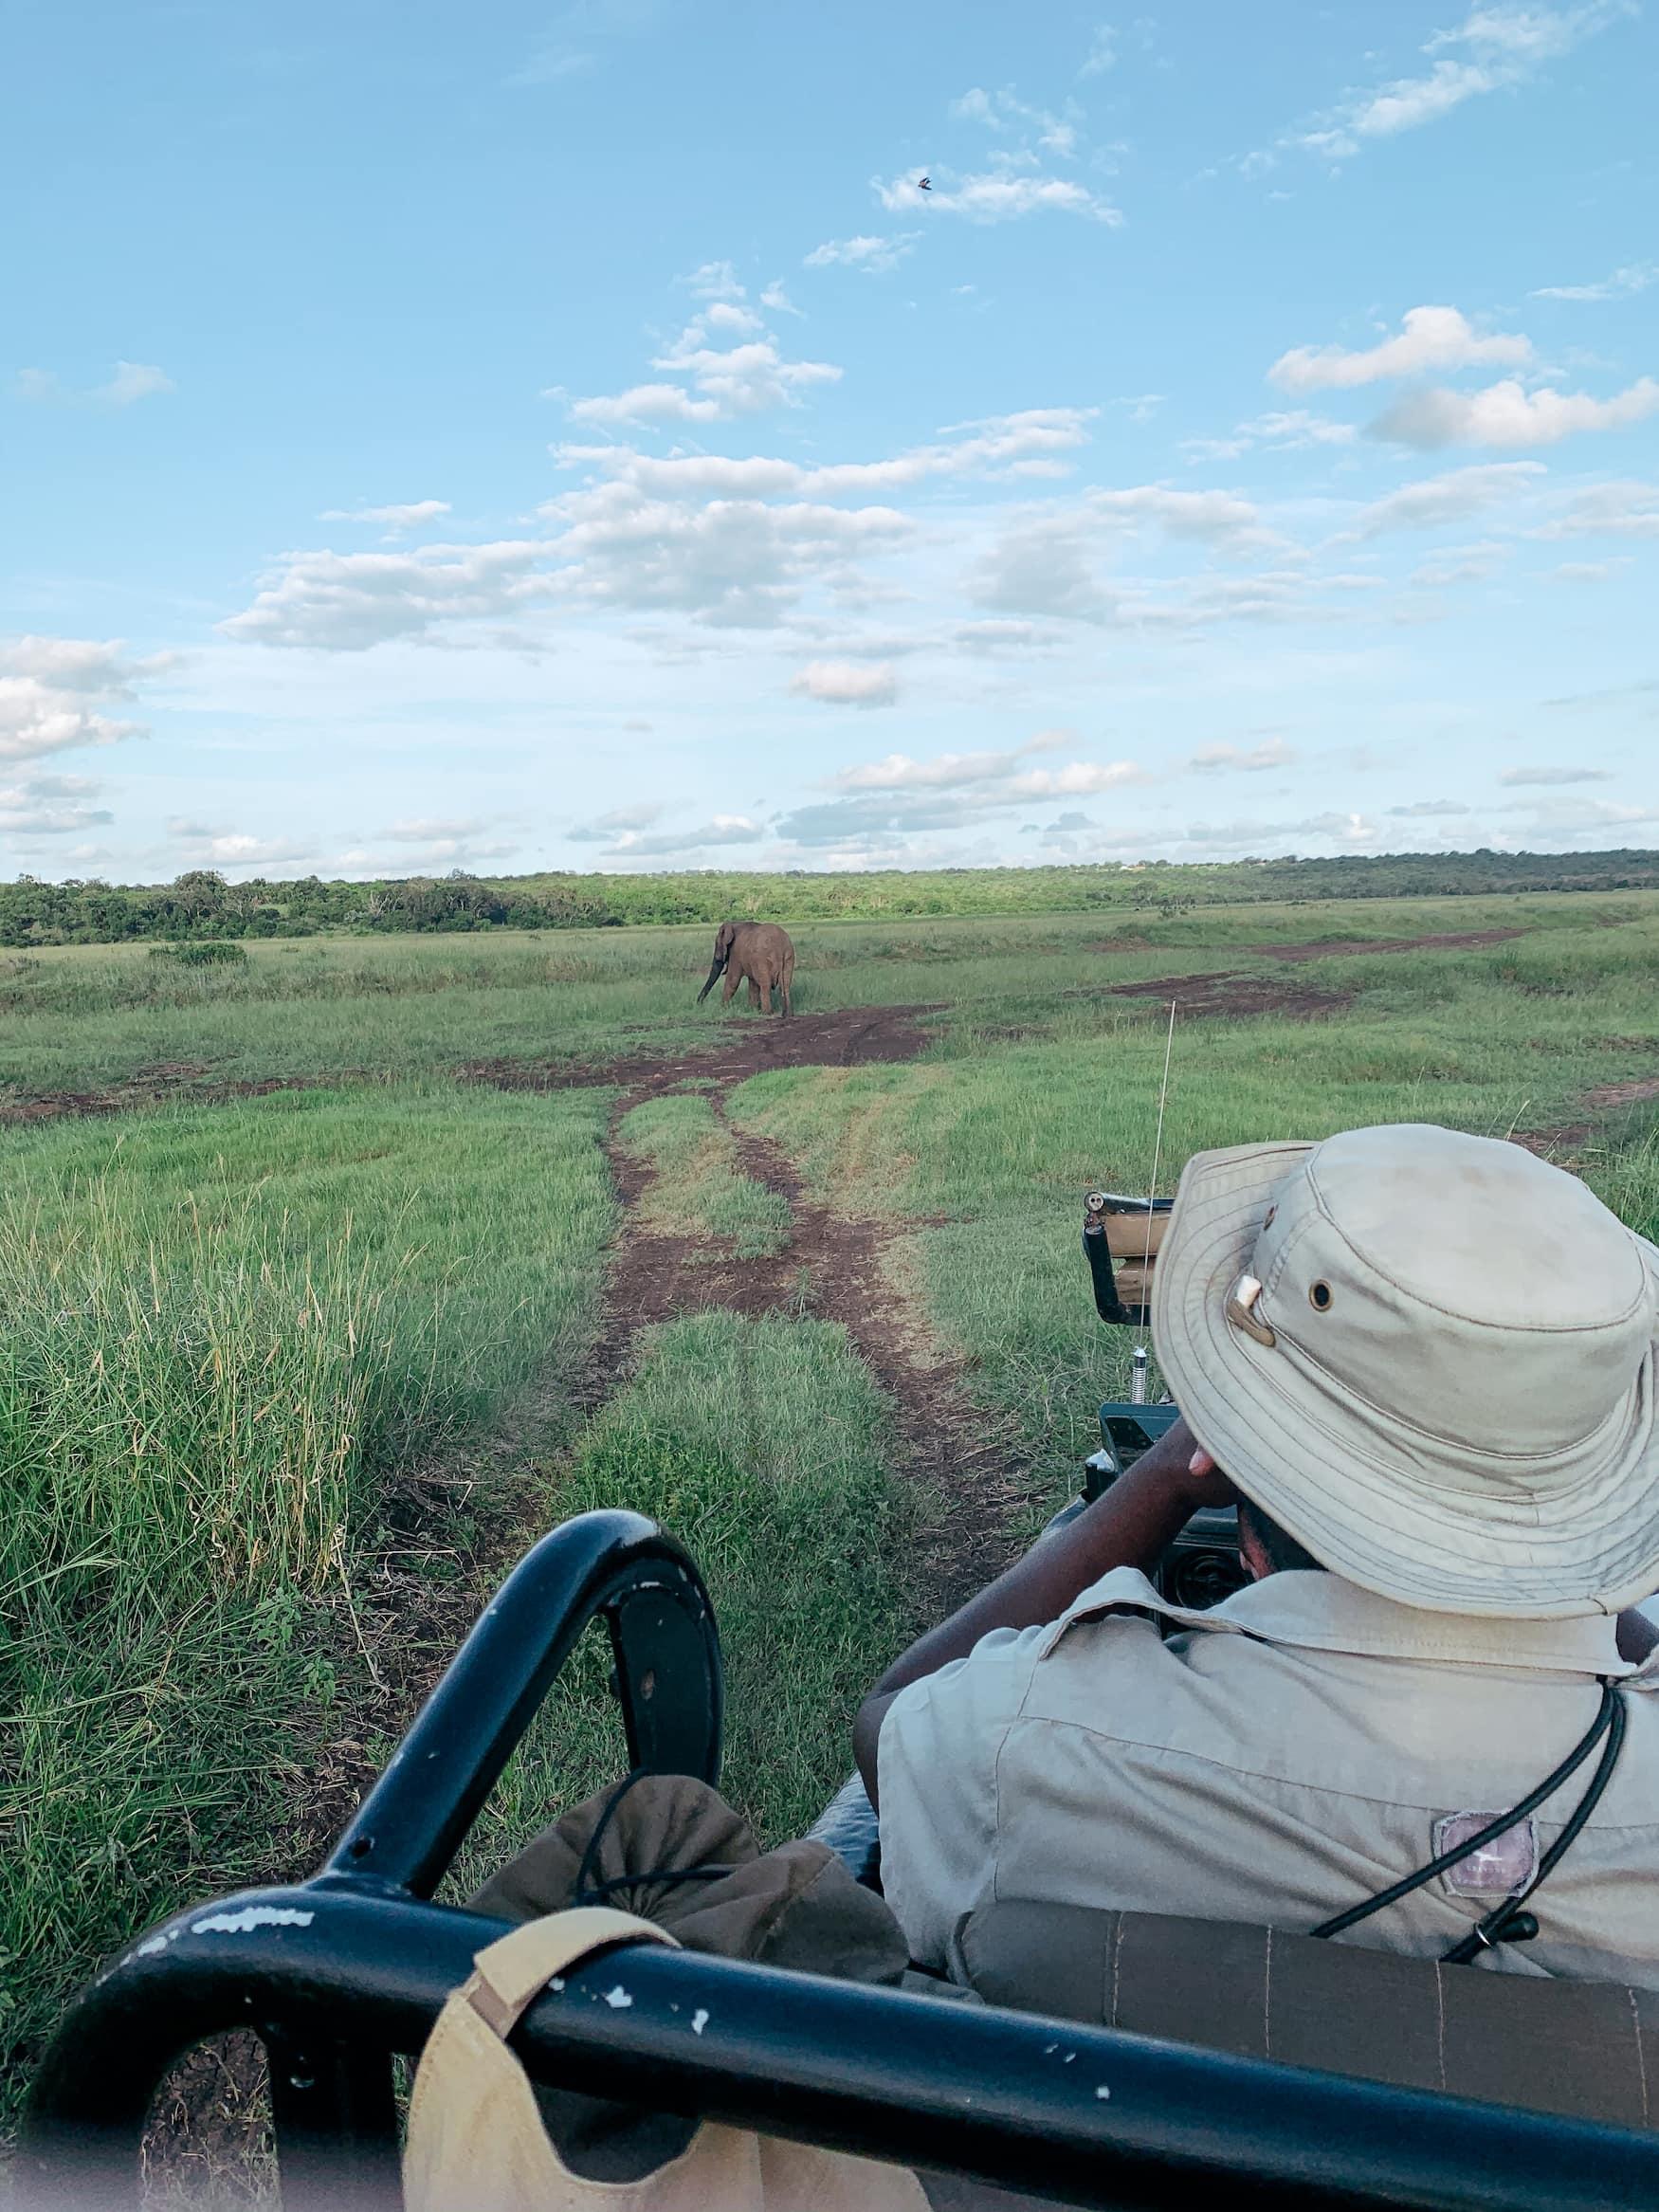 Elefant spaziert durch südafrikanische Landschaft während Safari